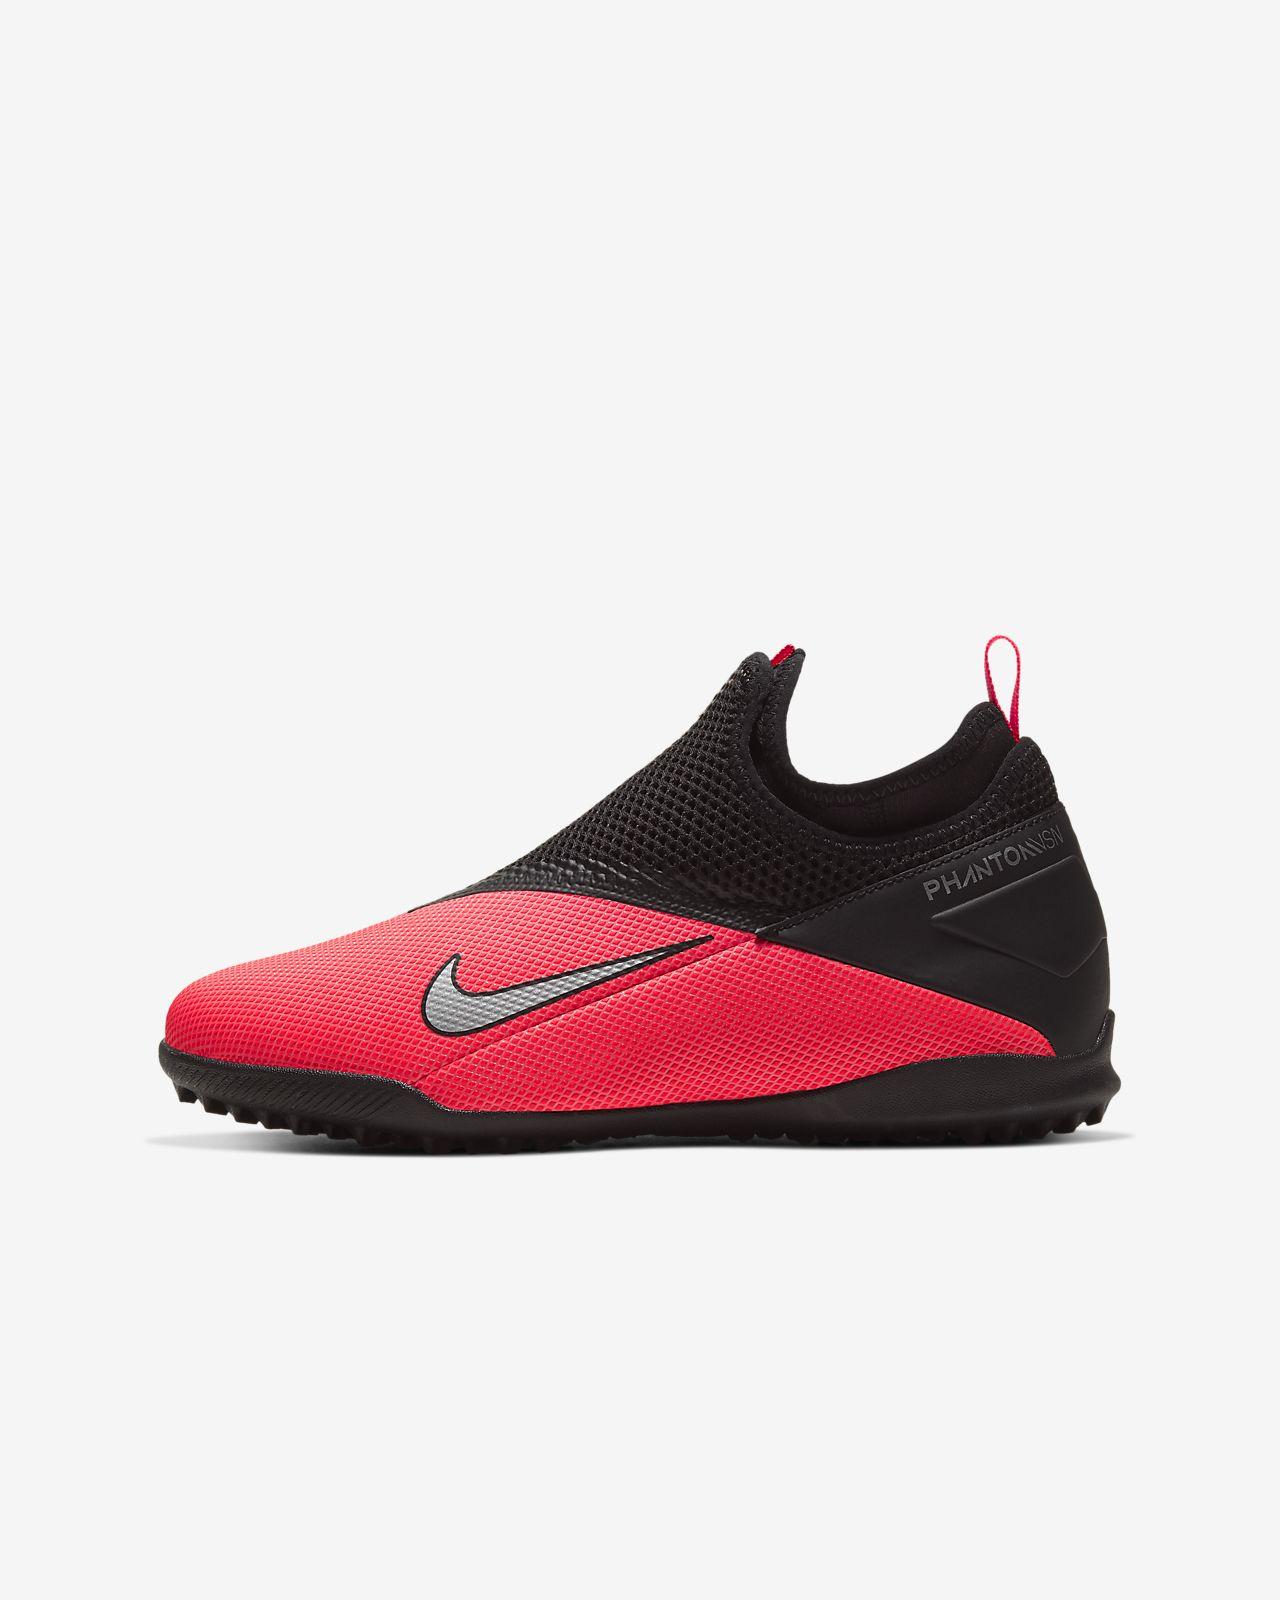 Nike Jr. Phantom Vision 2 Academy Dynamic Fit TF-fodboldsko til små/store børn til grus